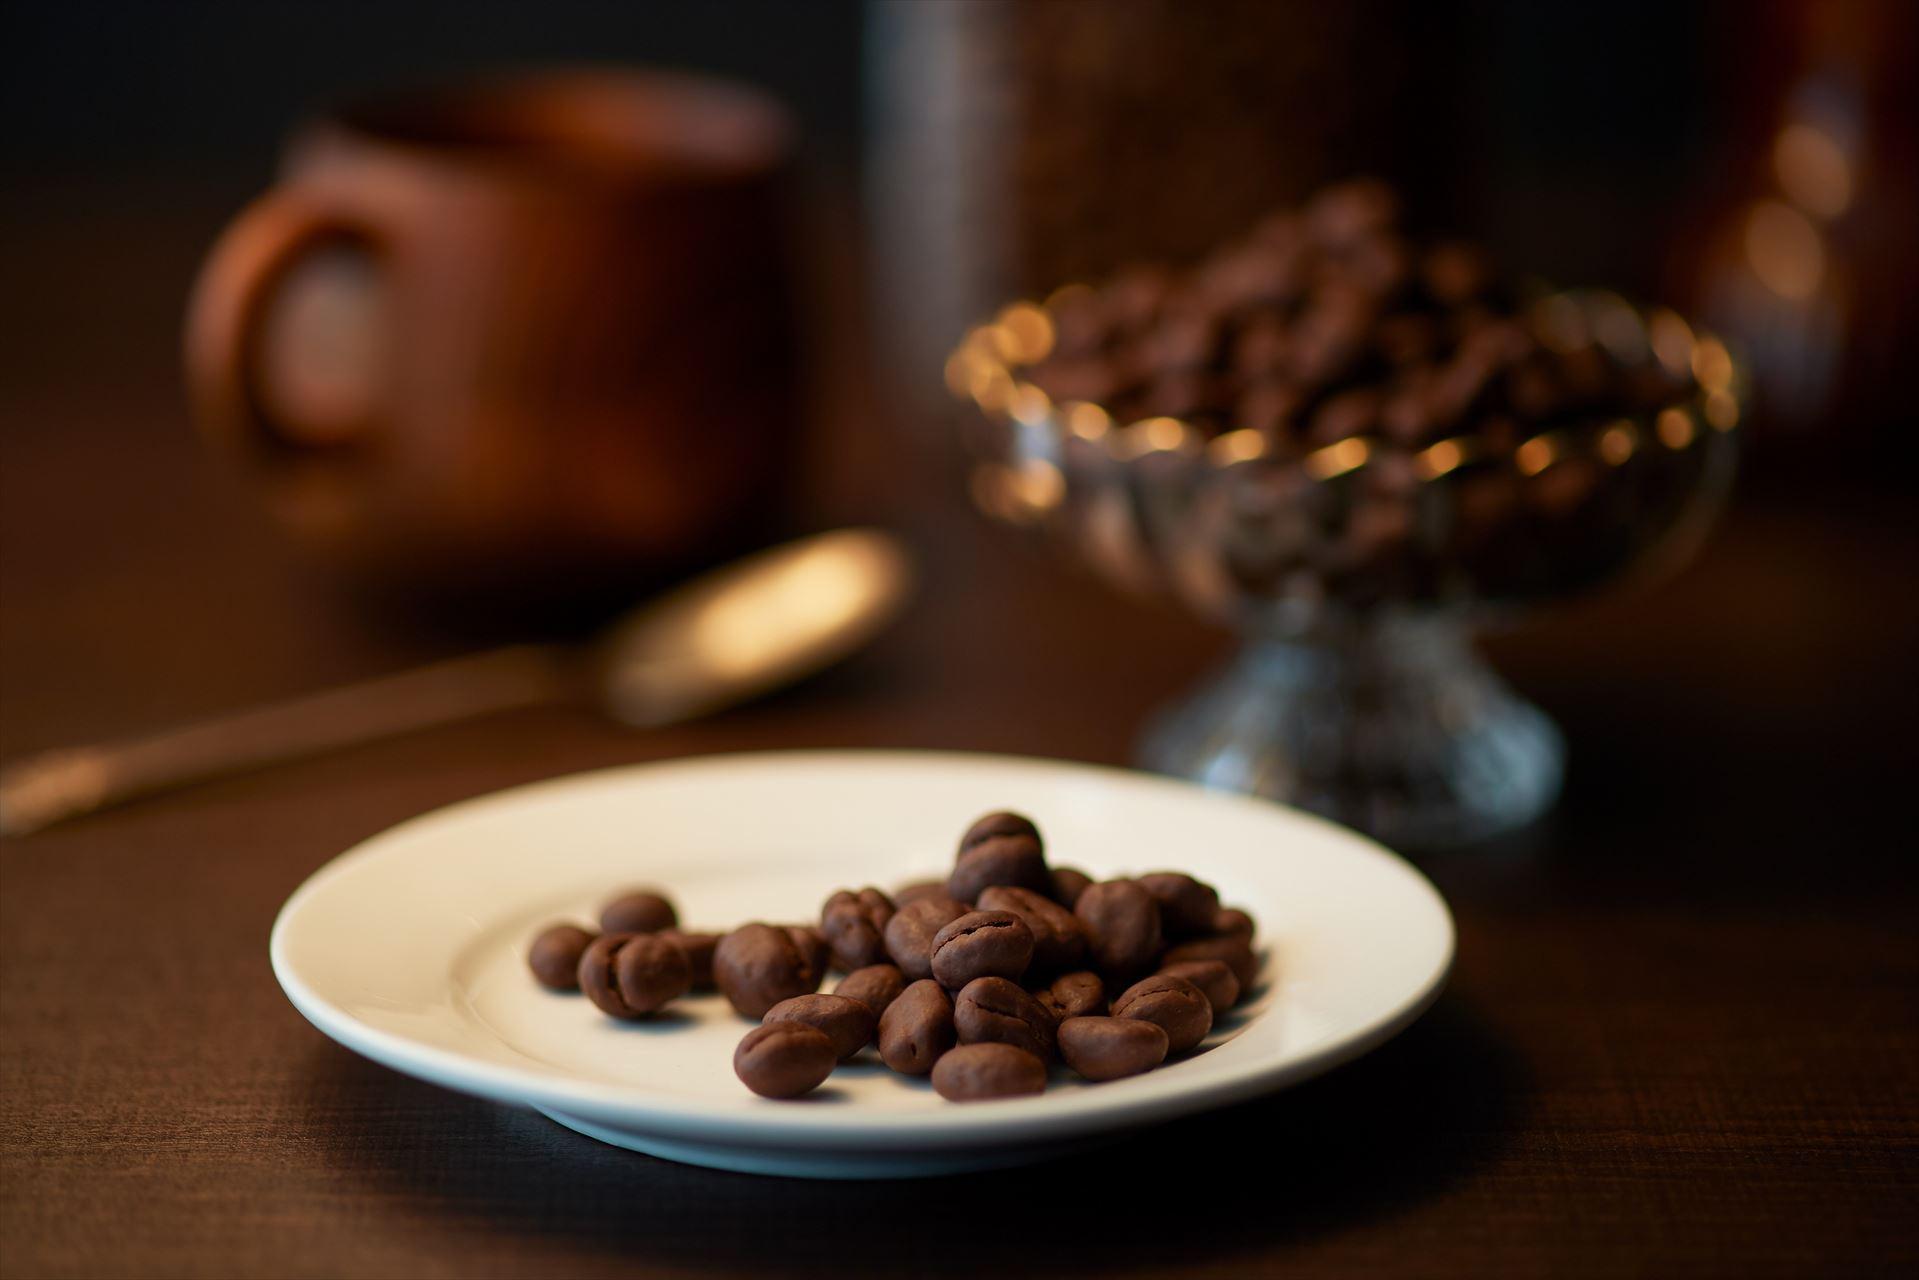 チョコレートコーヒービーンズ